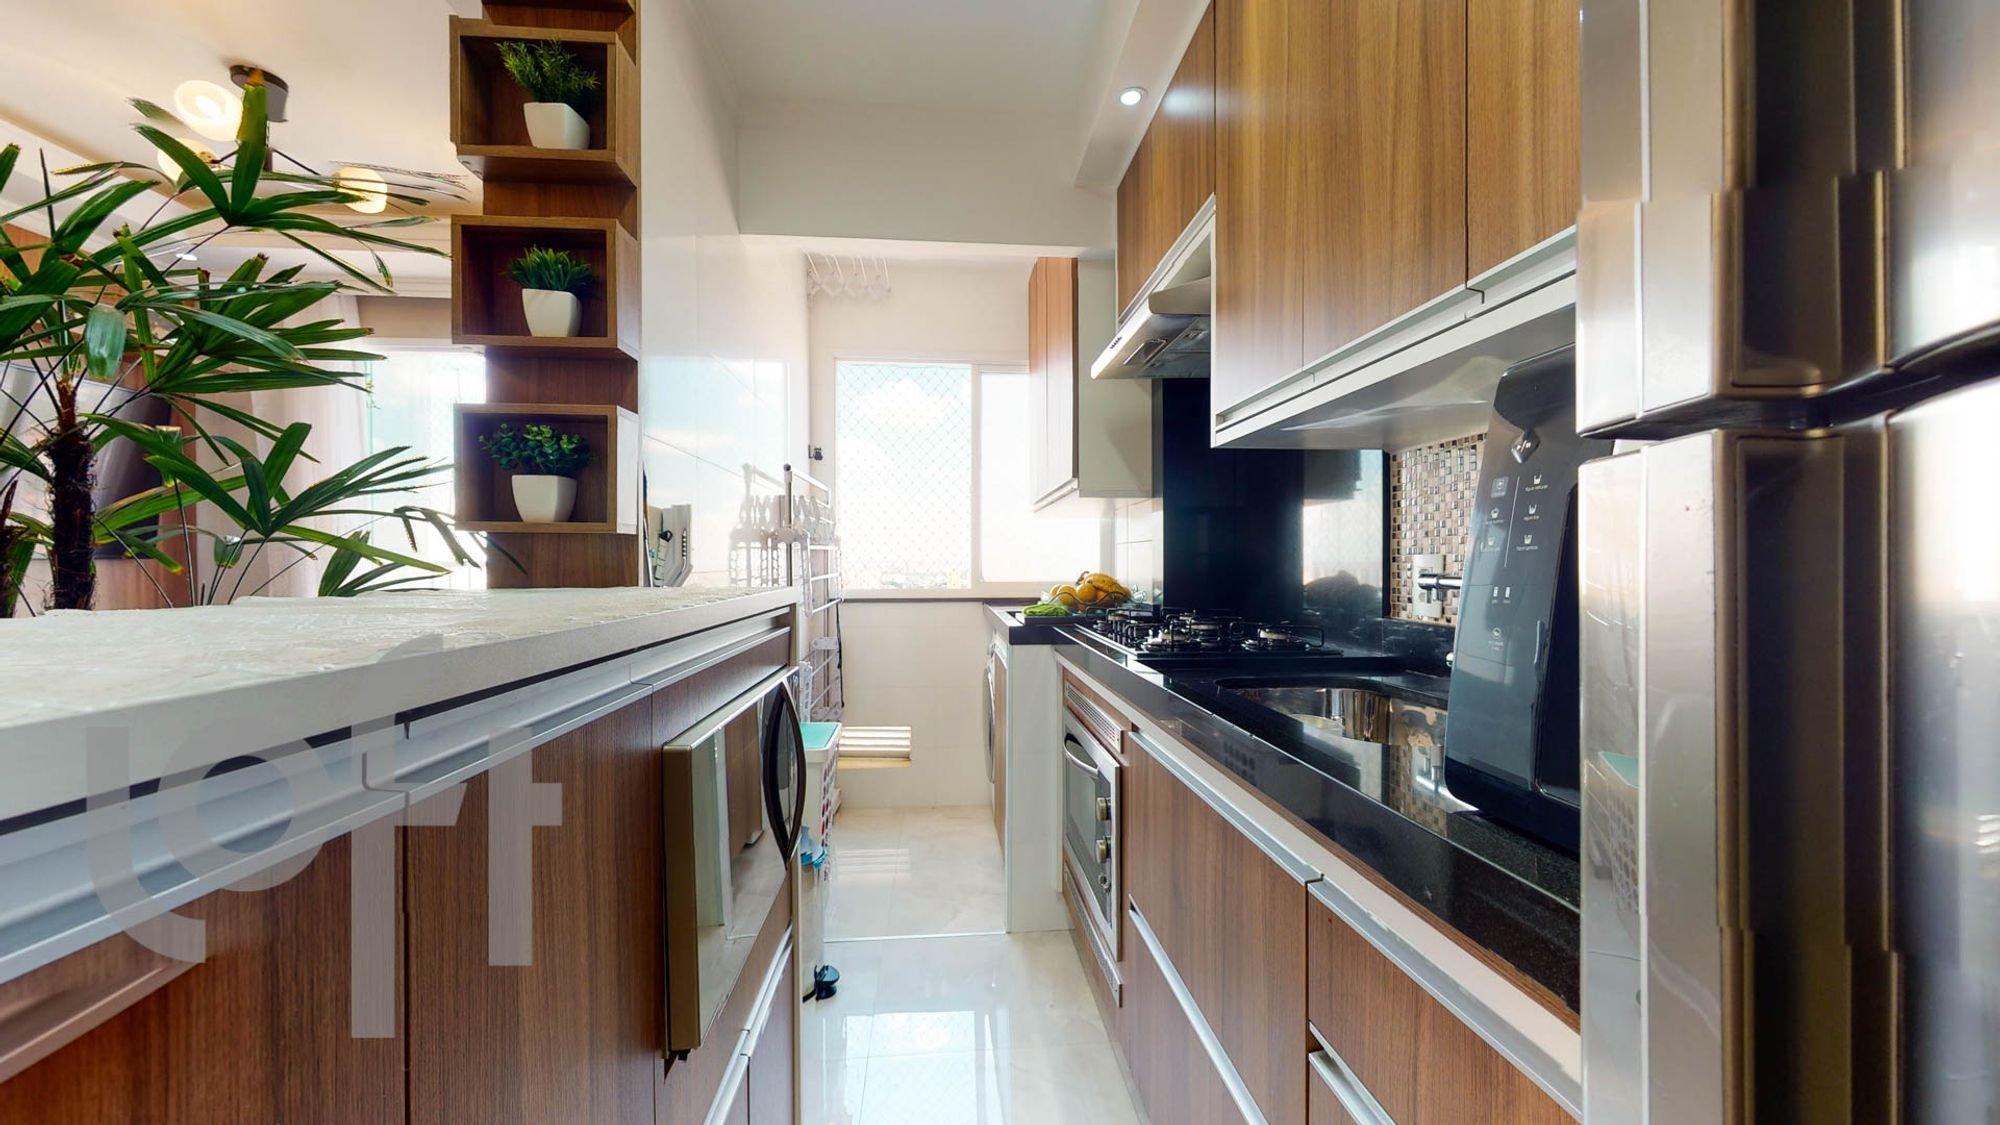 Foto de Cozinha com vaso de planta